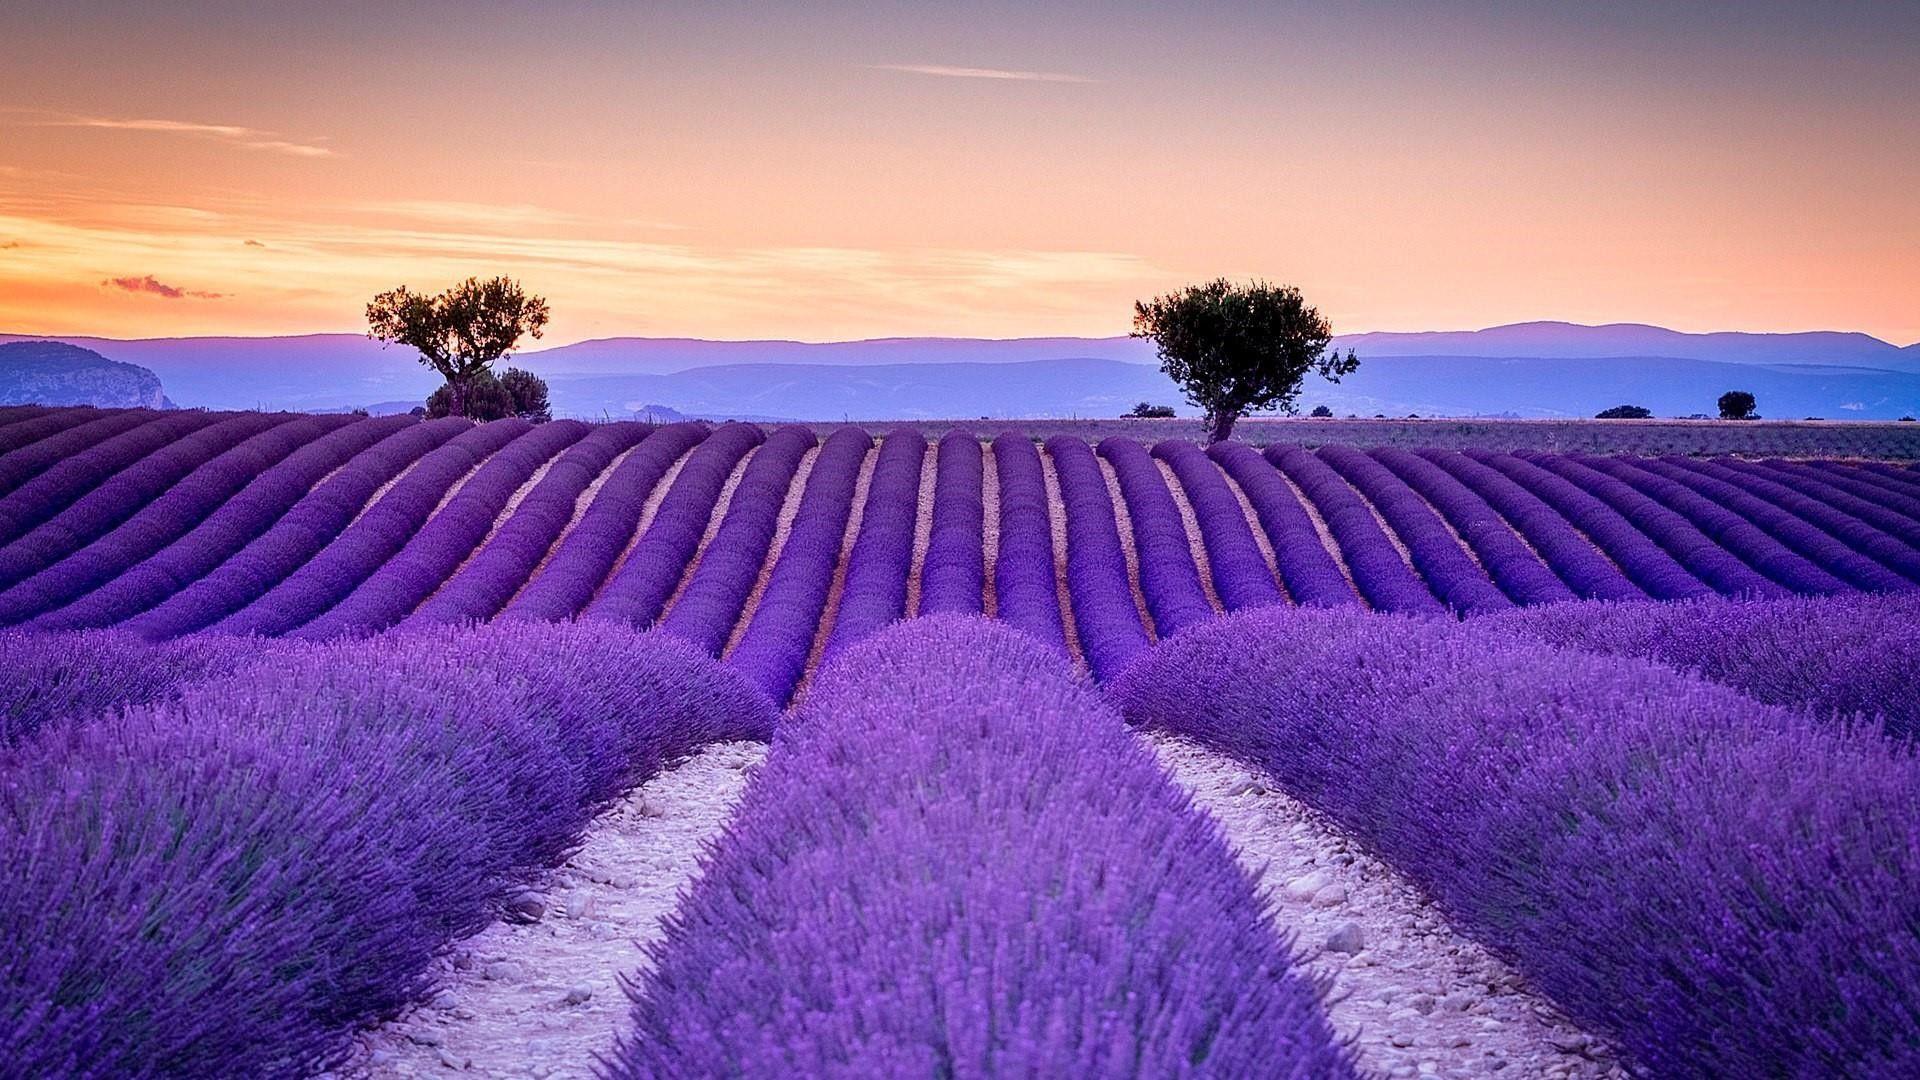 Nét đẹp thơ mộng của các cánh đồng hoa Lavender ở Pháp - ảnh 5